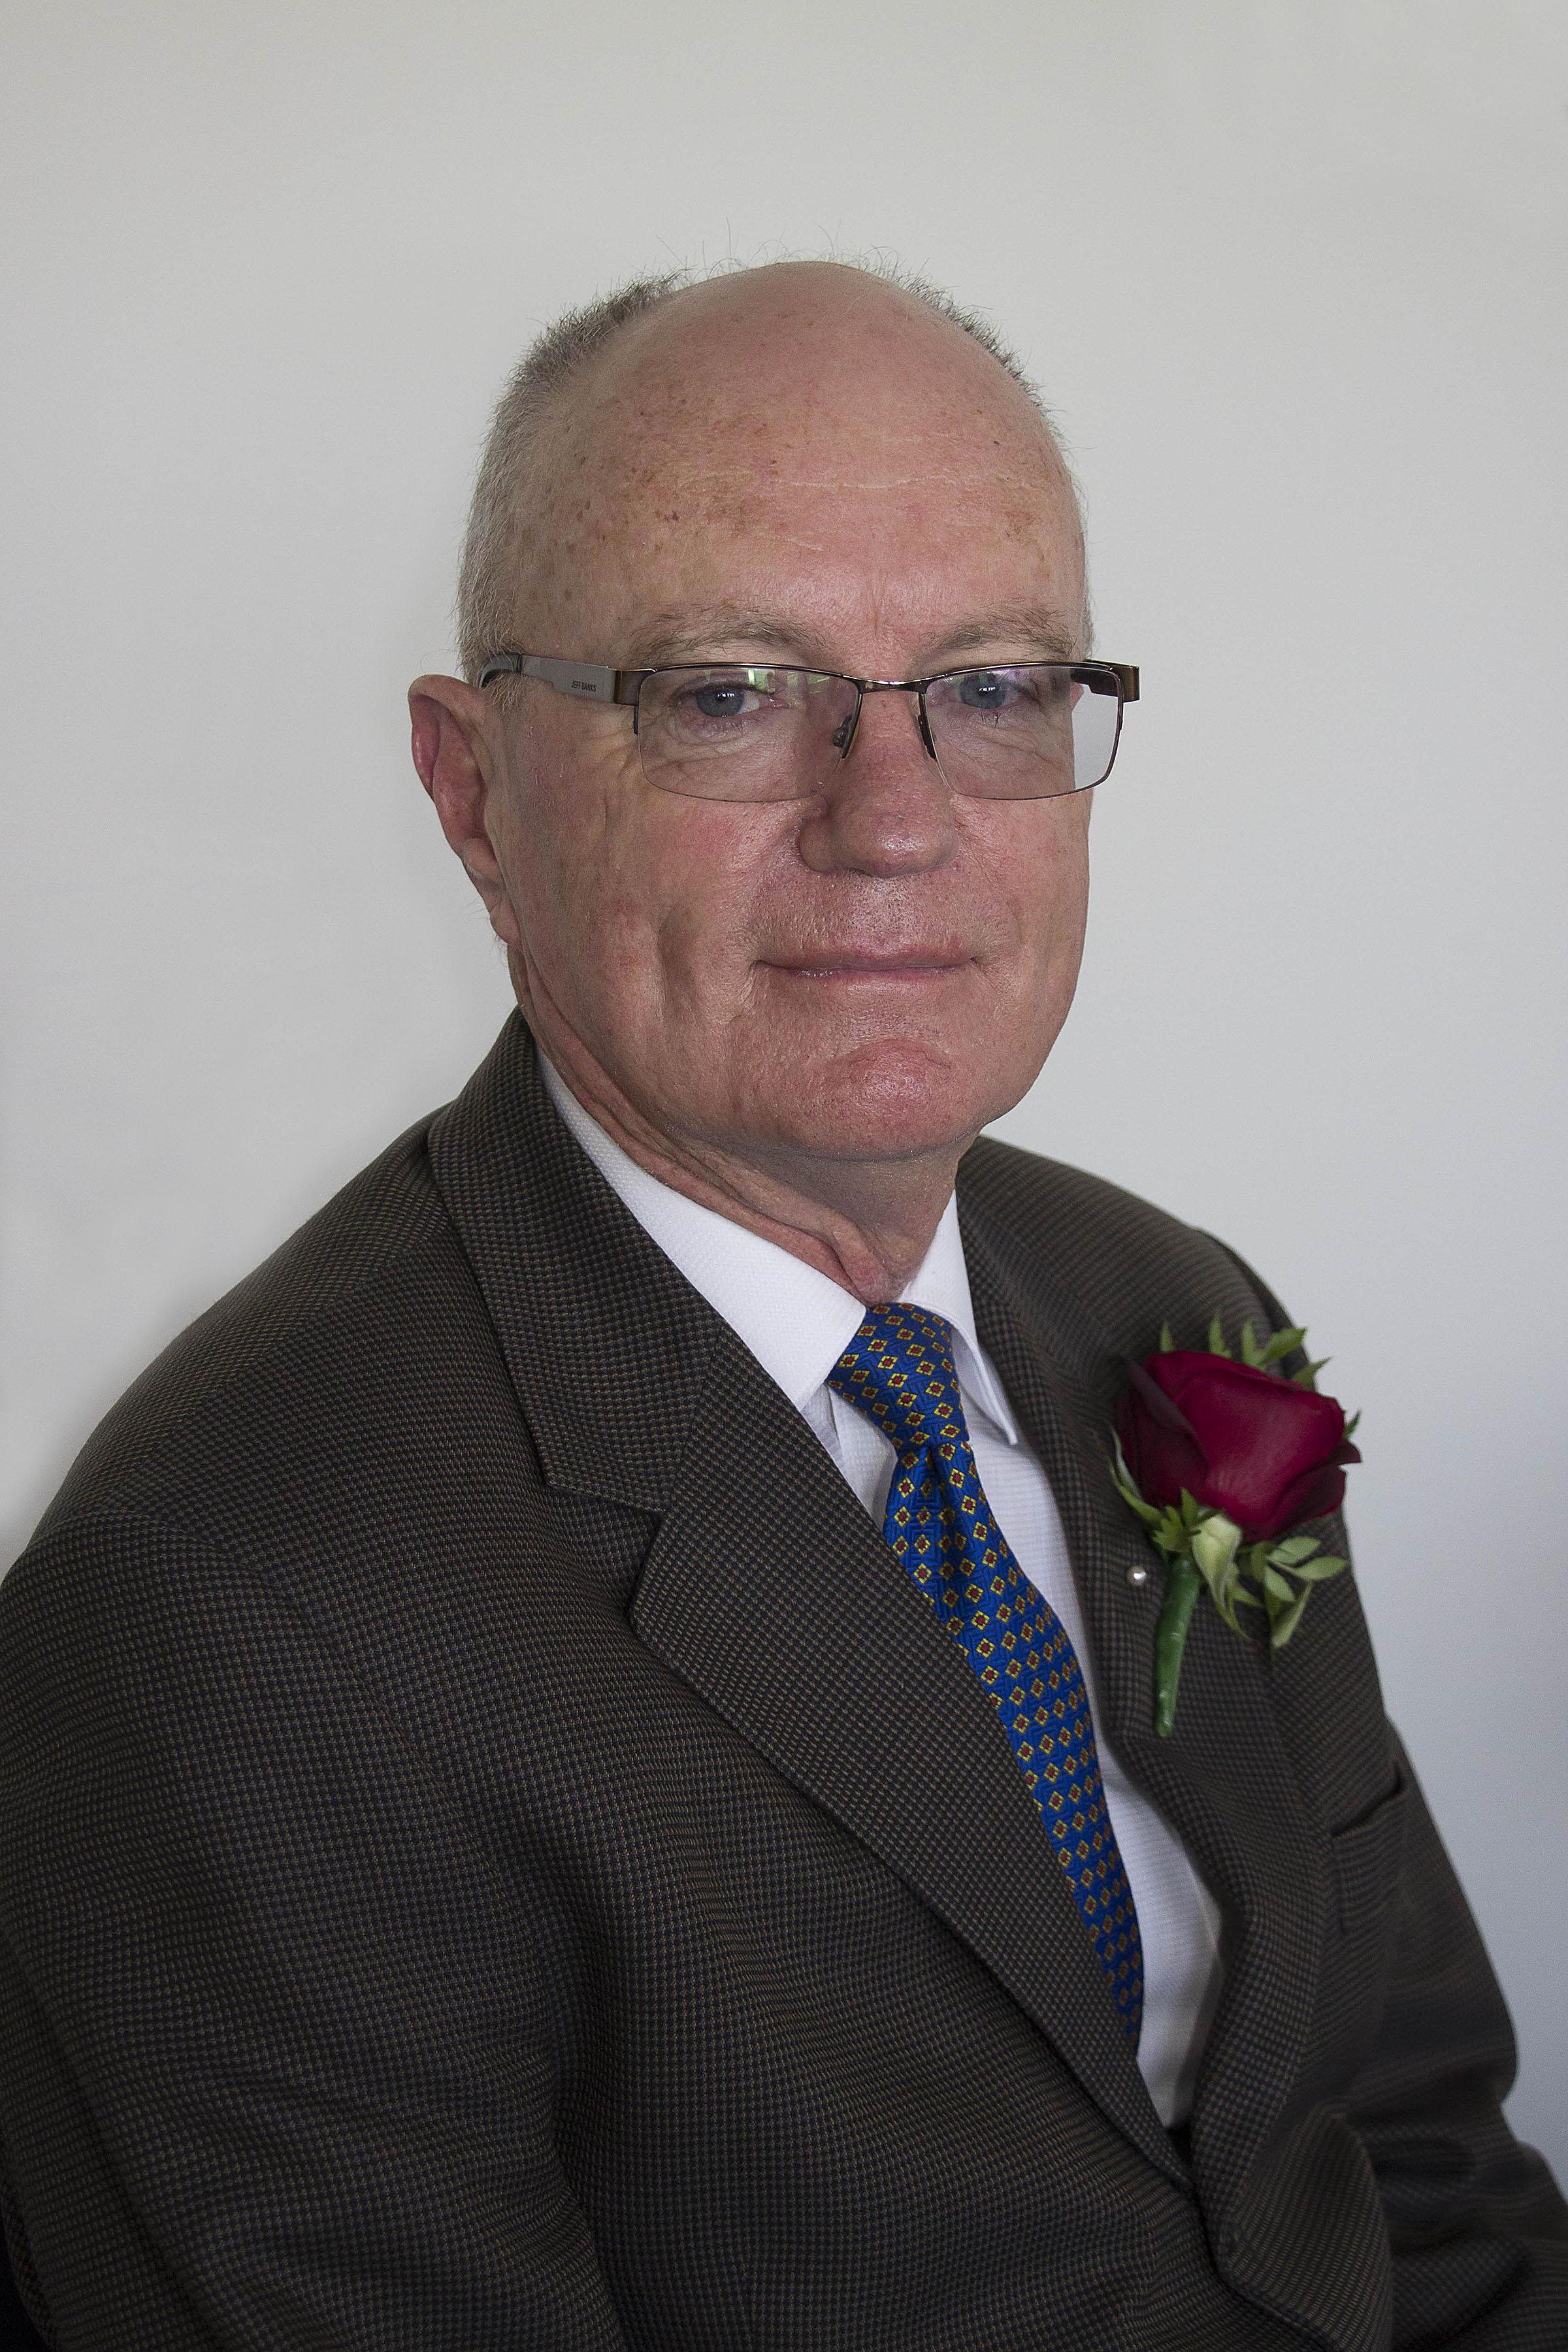 Cr David Carruthers